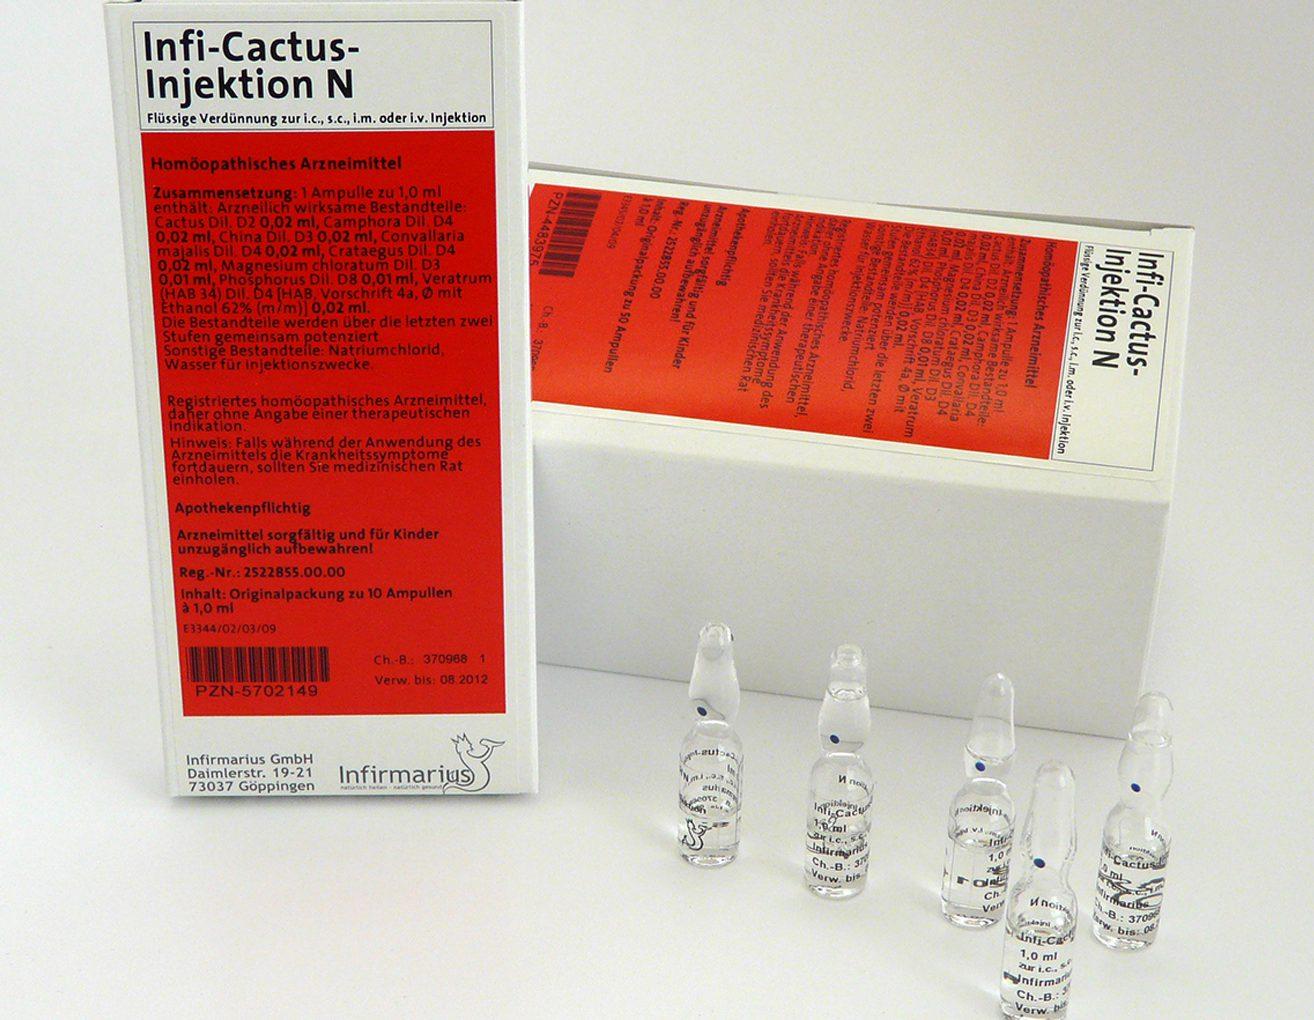 Infi-Cactus-Injektion N